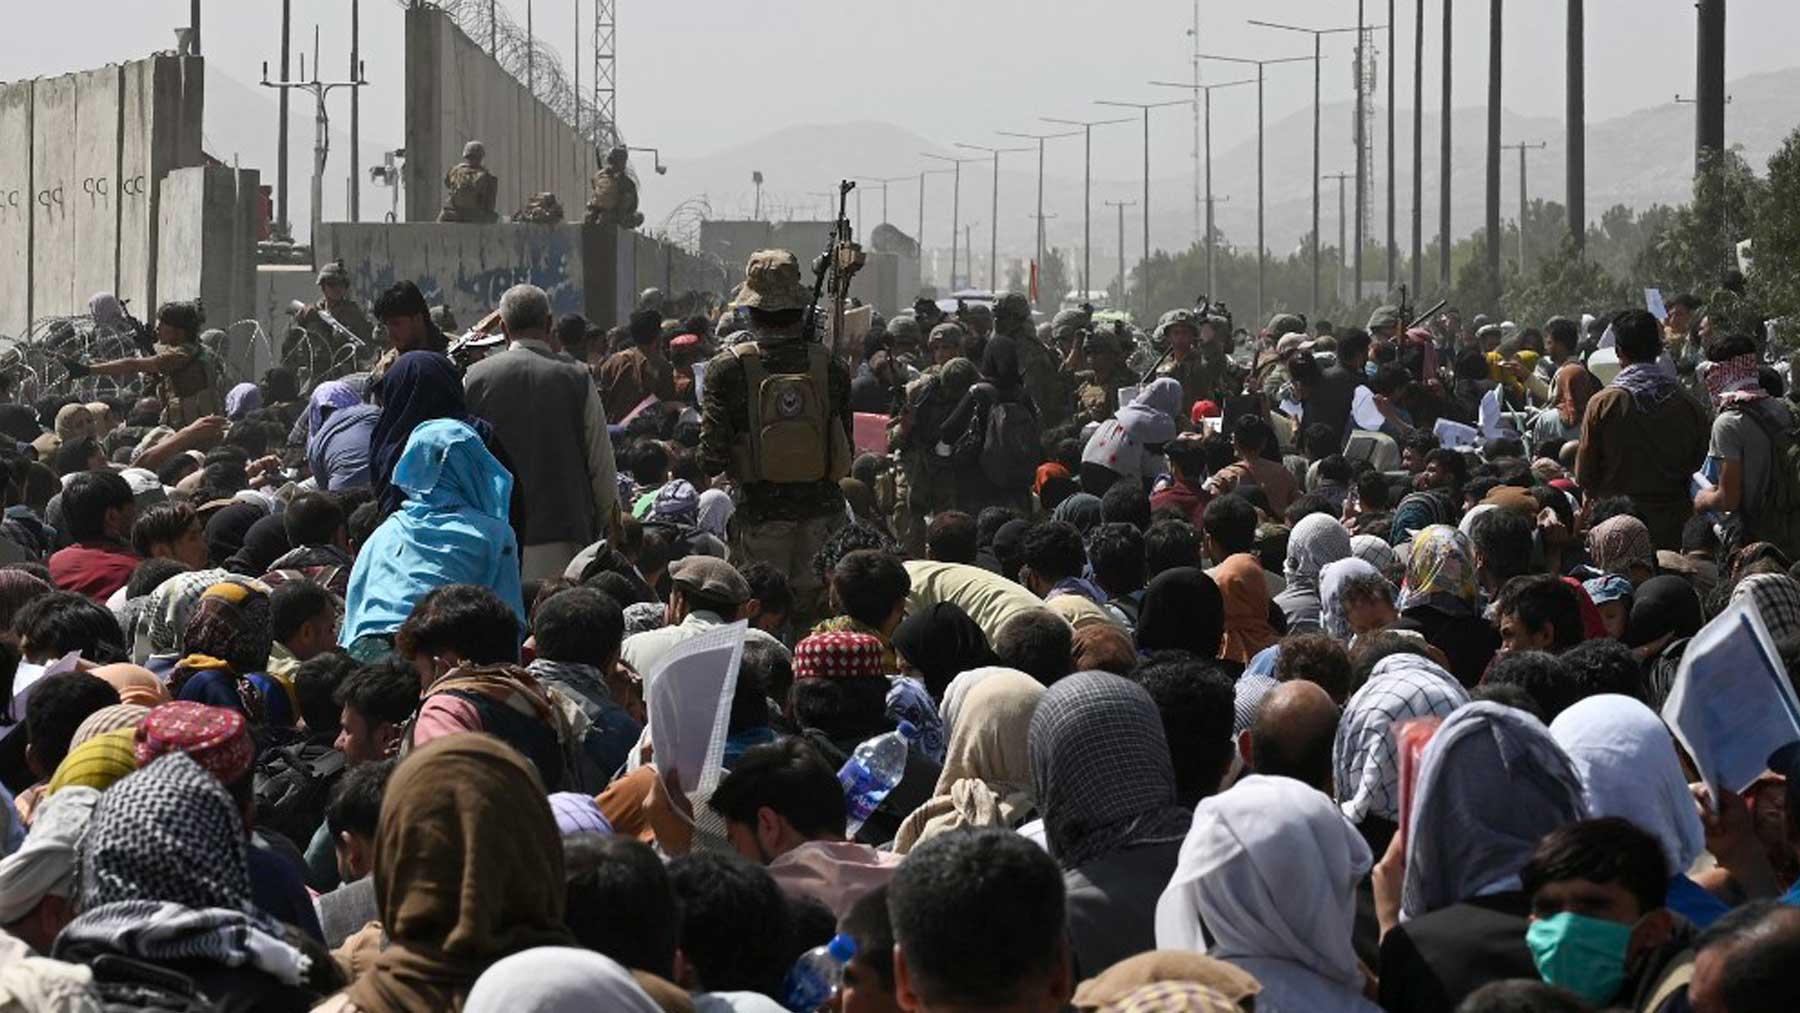 Decenas de miles de afganos se agolpan en una de las entradas al aeropuerto de Kabul. (Foto: AFP)